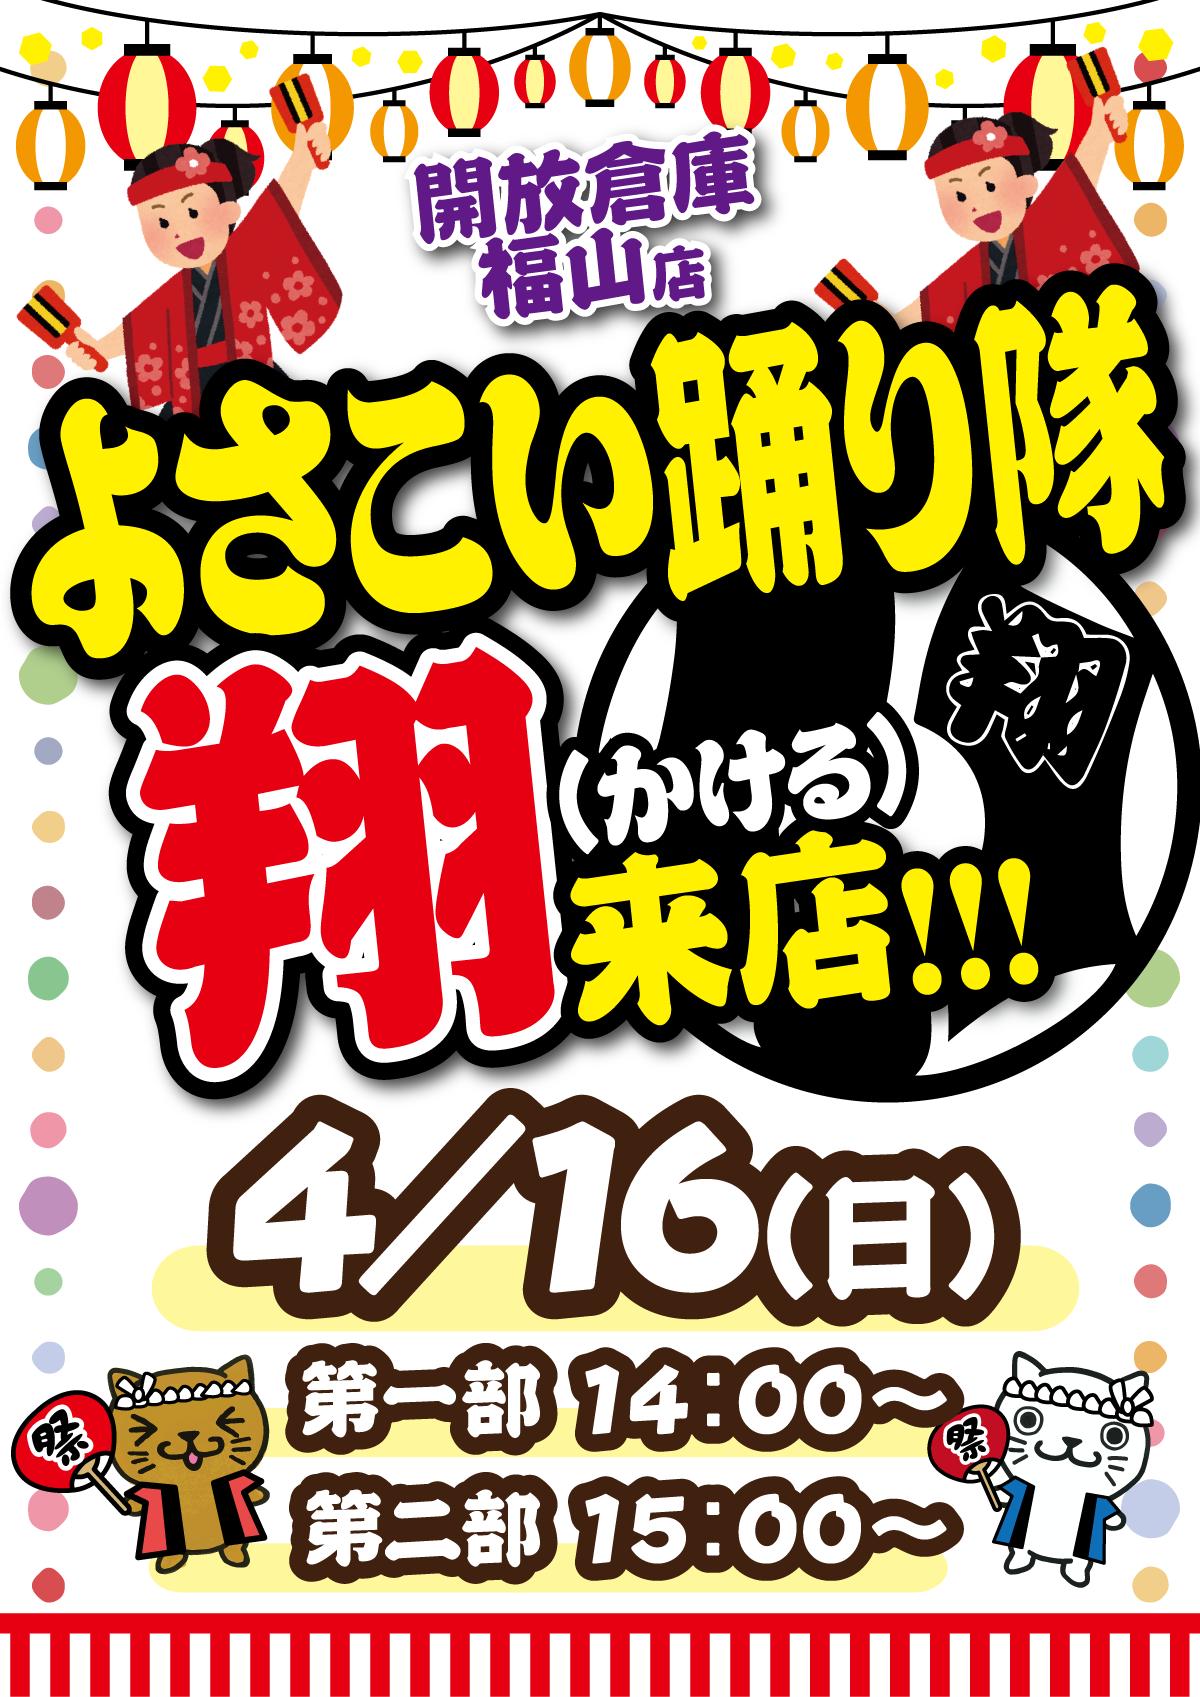 「開放倉庫福山店」2017年4月16日(日)よさこい踊り隊翔(かける)来店!!!第1部14:00~第2部15:00~